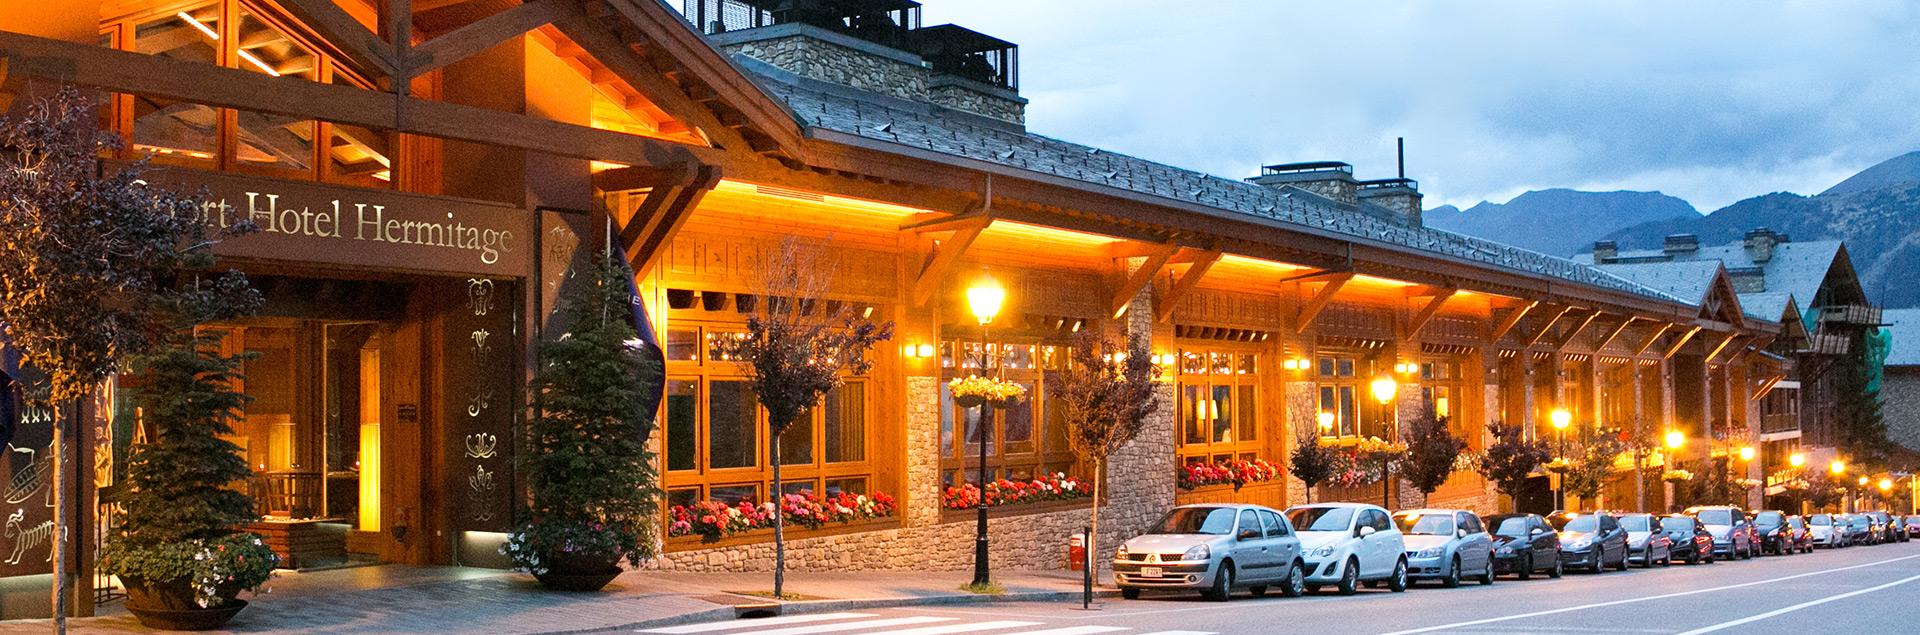 Spa Hermitage Andorra